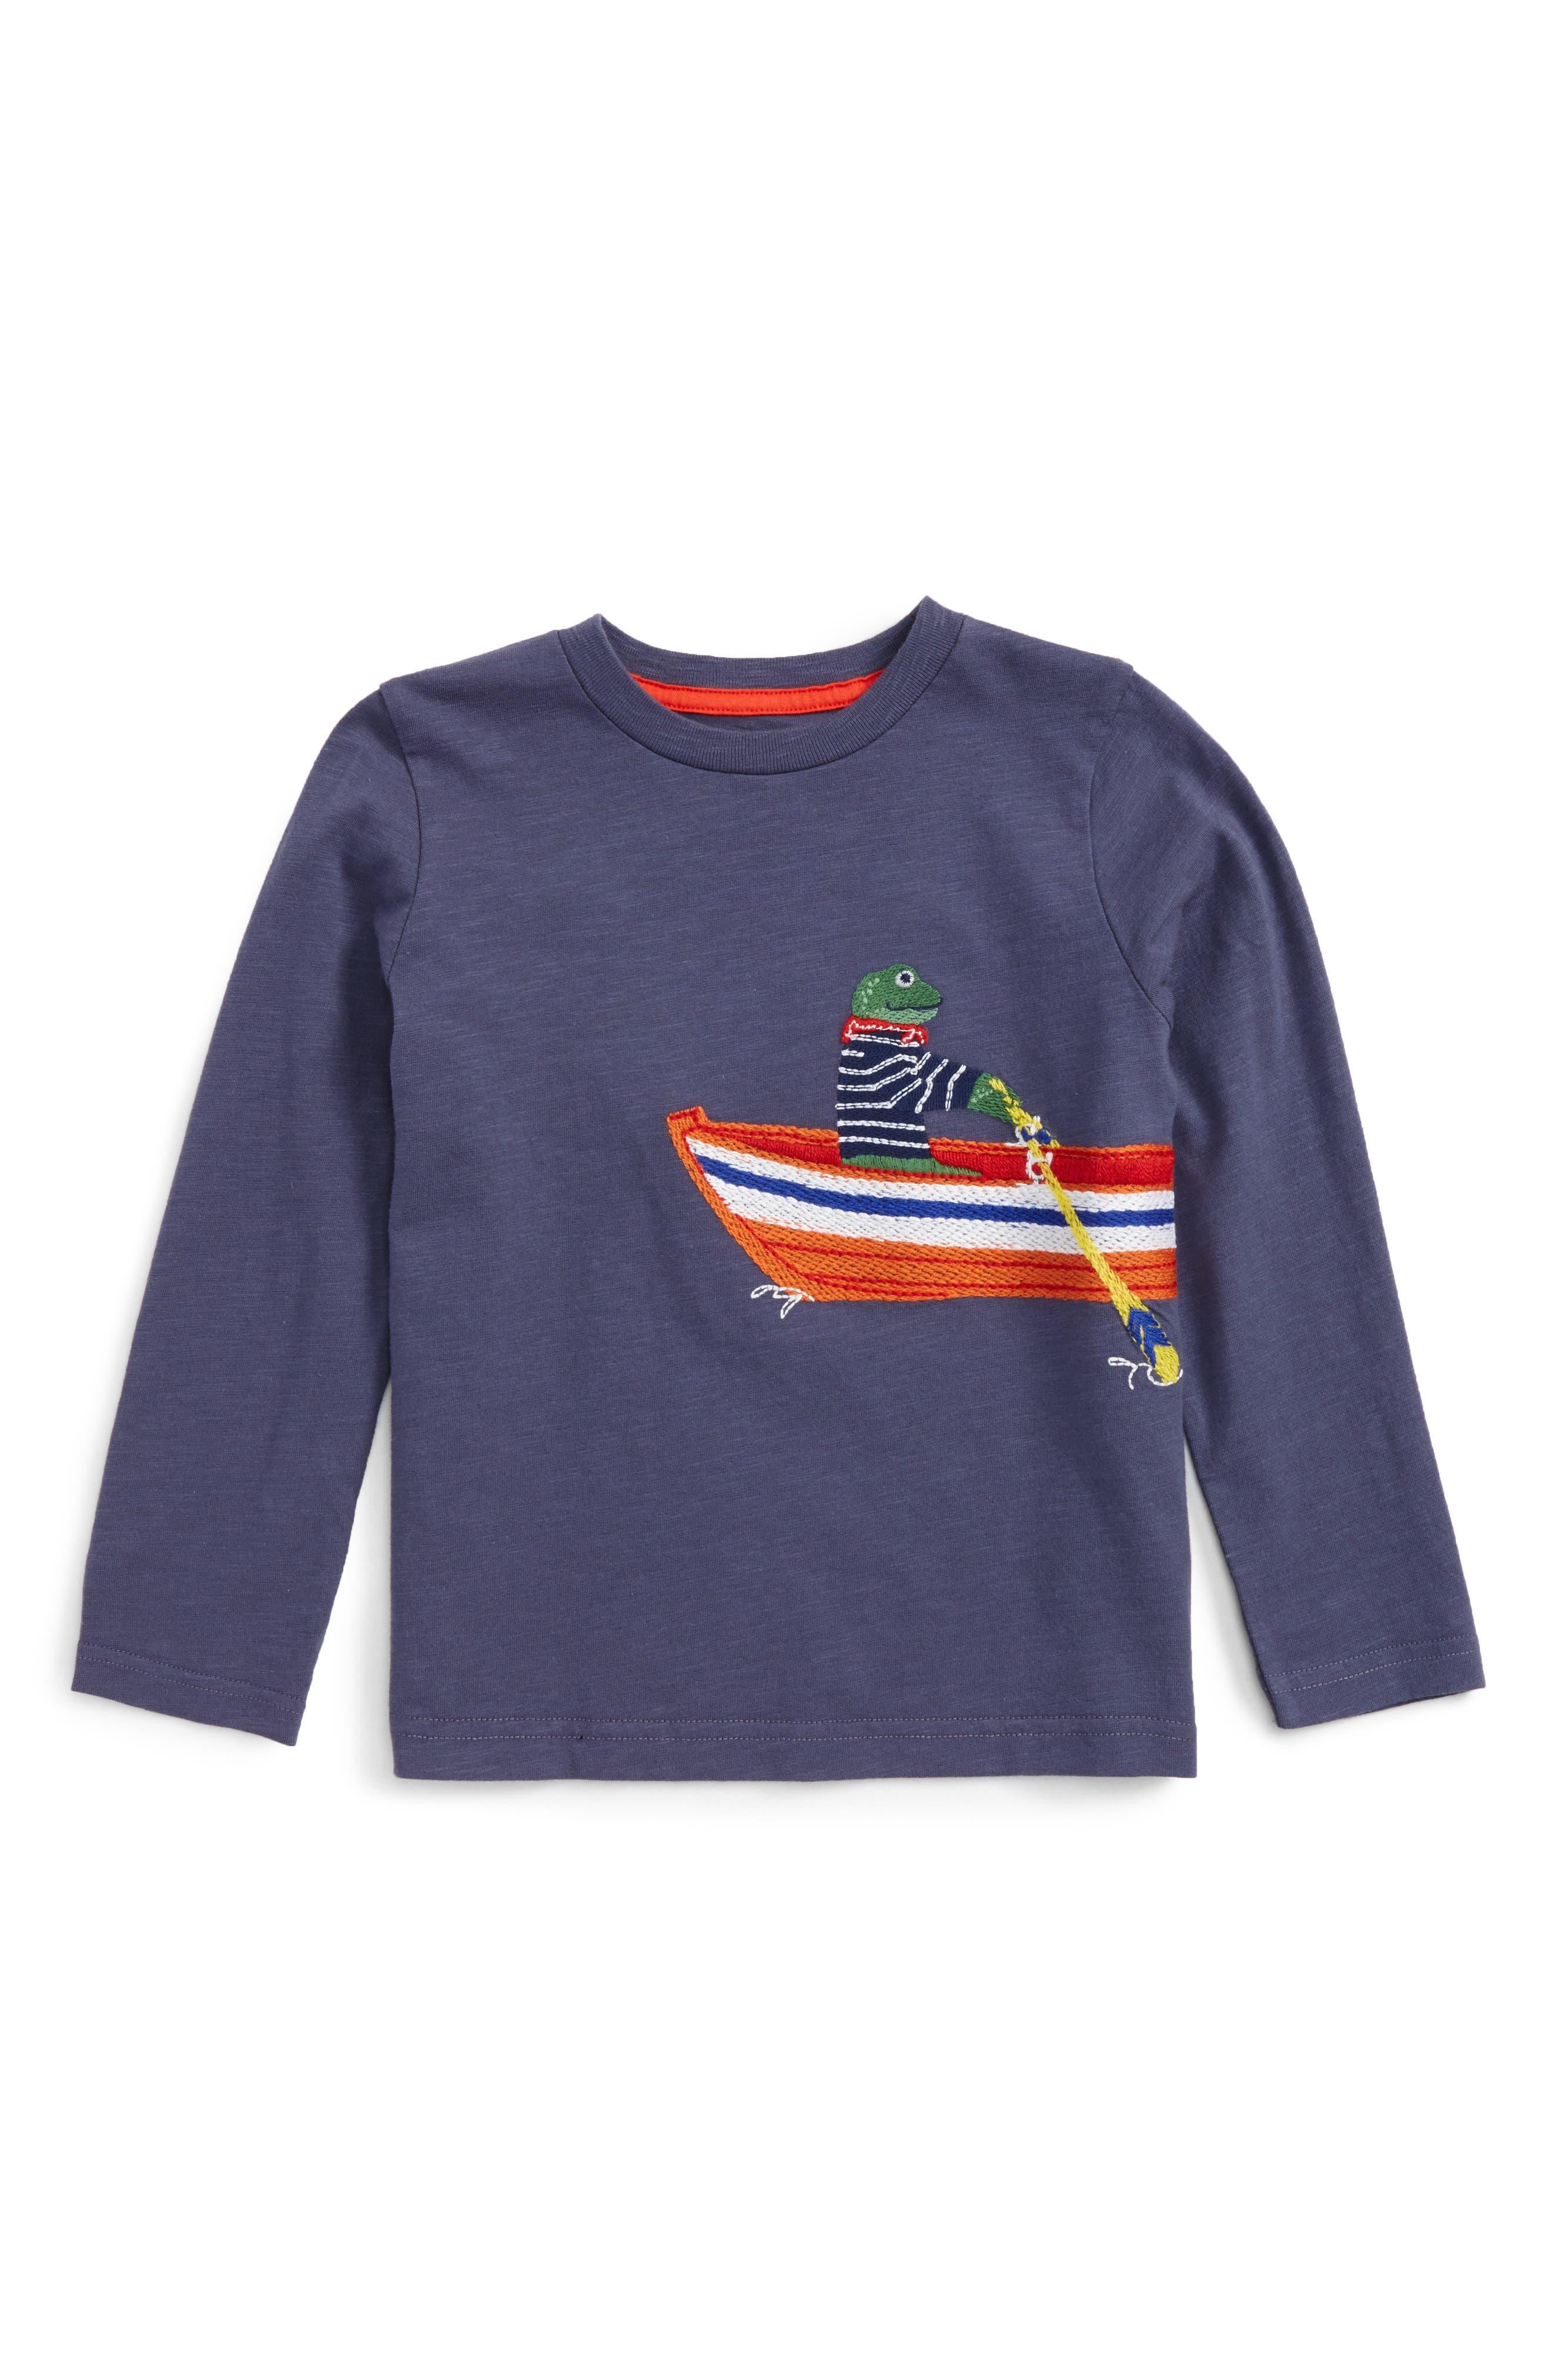 Superstitch T-Shirt,                         Main,                         color, 024